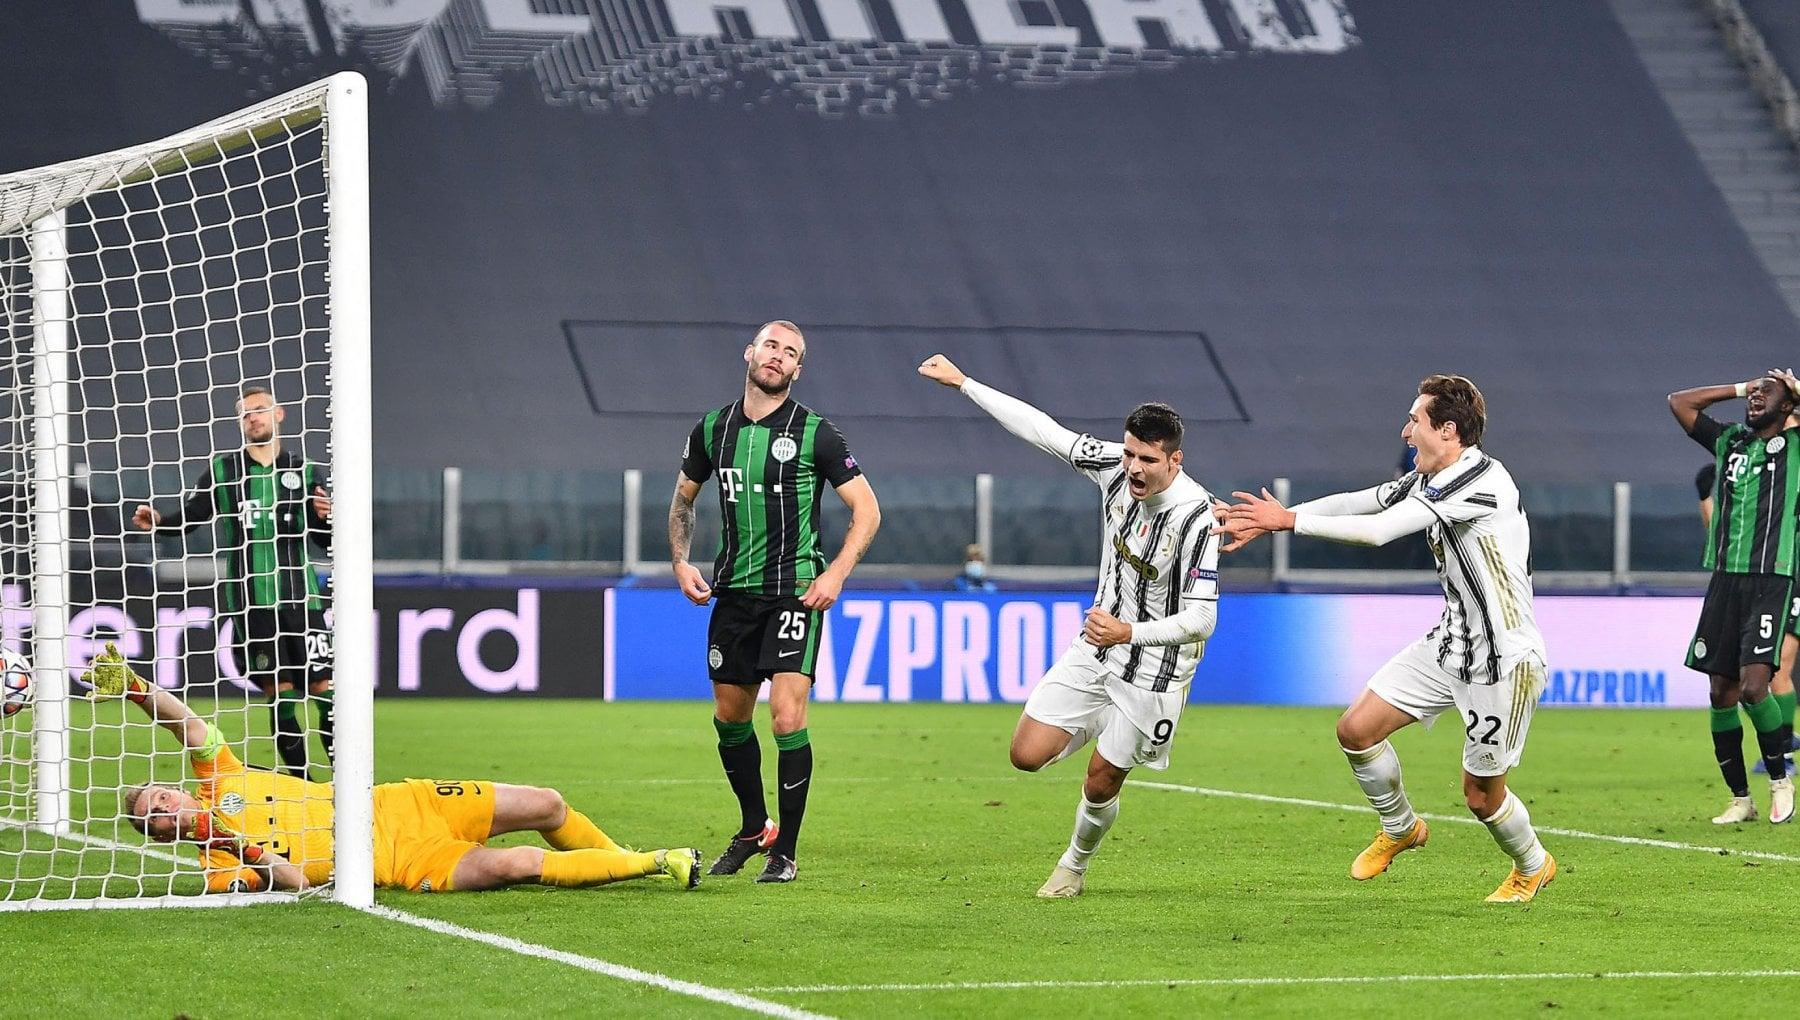 Juventus Ferencvaros 2 1 Morata al 92 manda i bianconeri agli ottavi